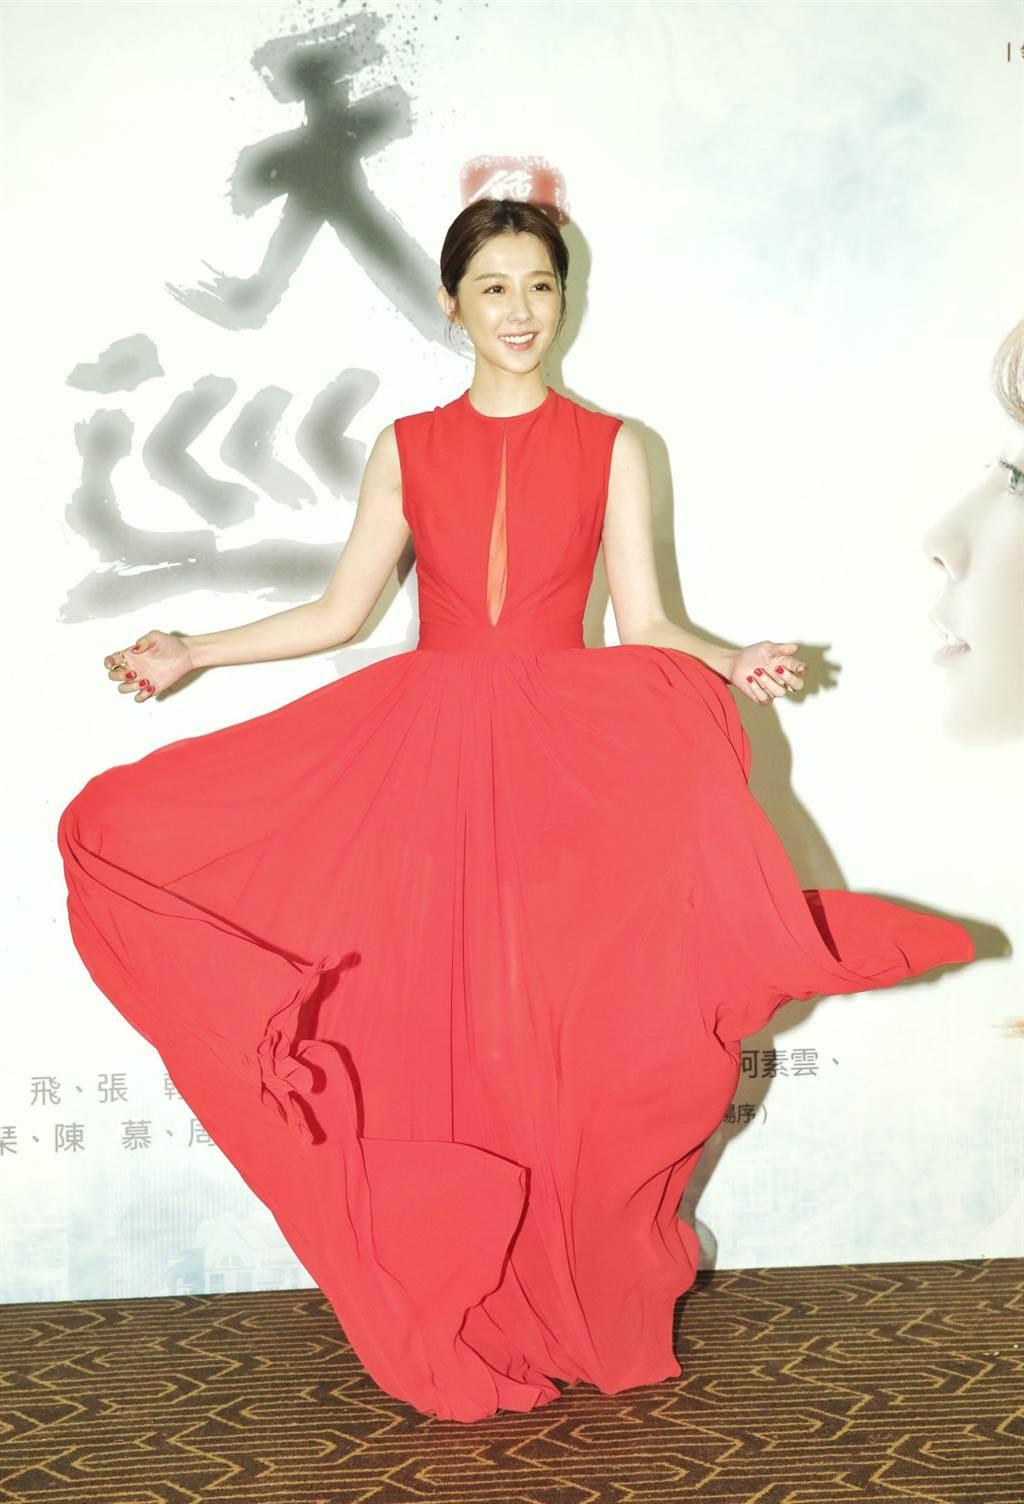 邵雨薇一身性感紅色長洋裝出席台視、三立《天巡者》首映會。(盧禕祺攝)